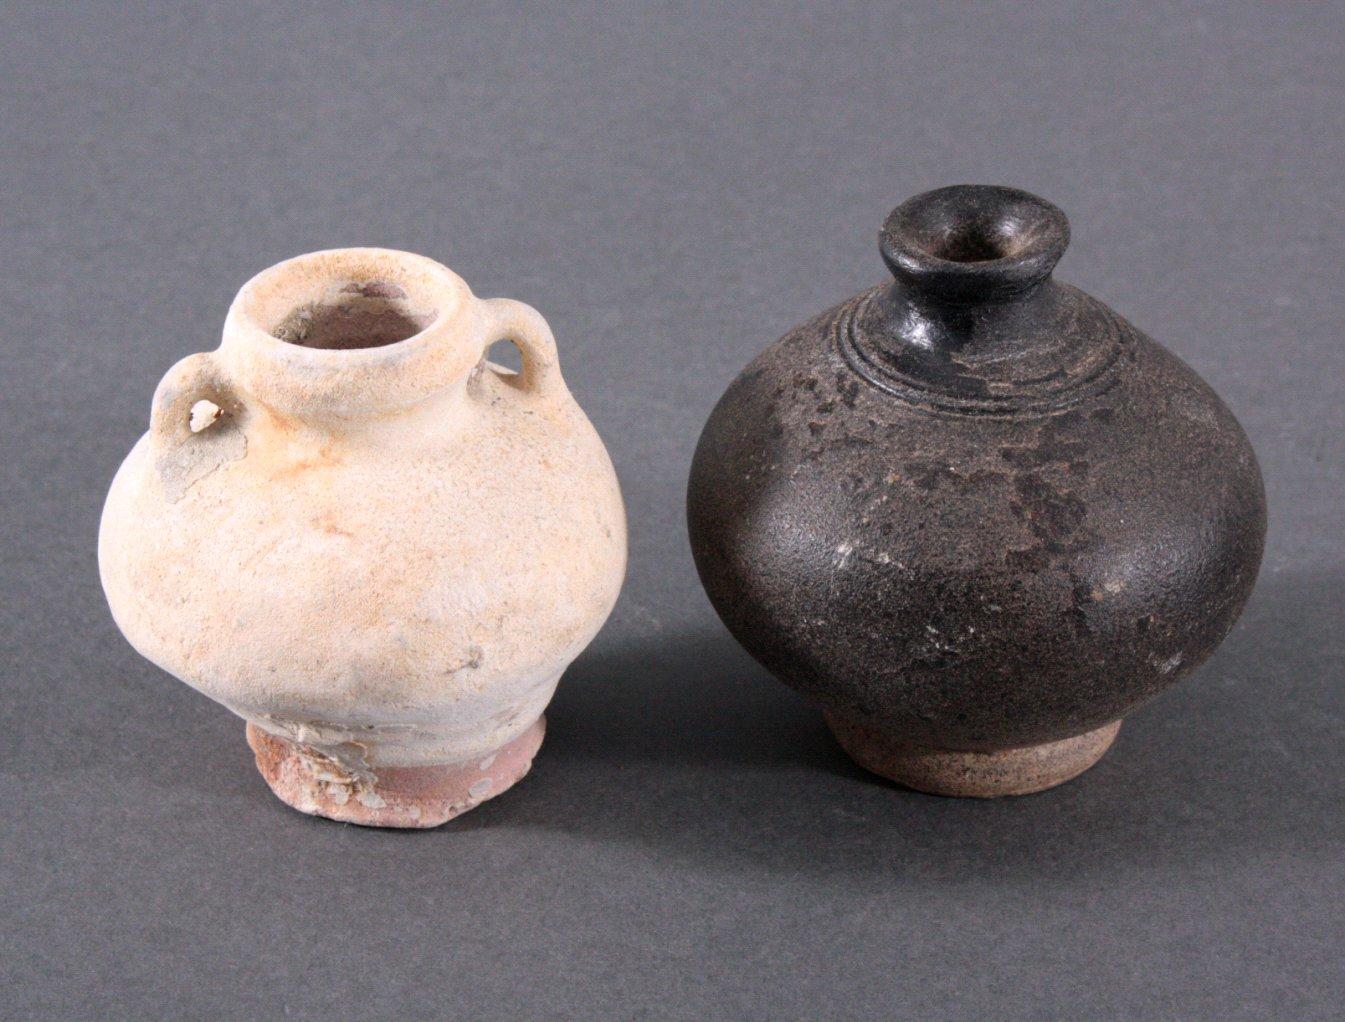 2 kleine Vorratsgefäße, Ankor-Periode 12./13. Jahrhundert, Kambodscha